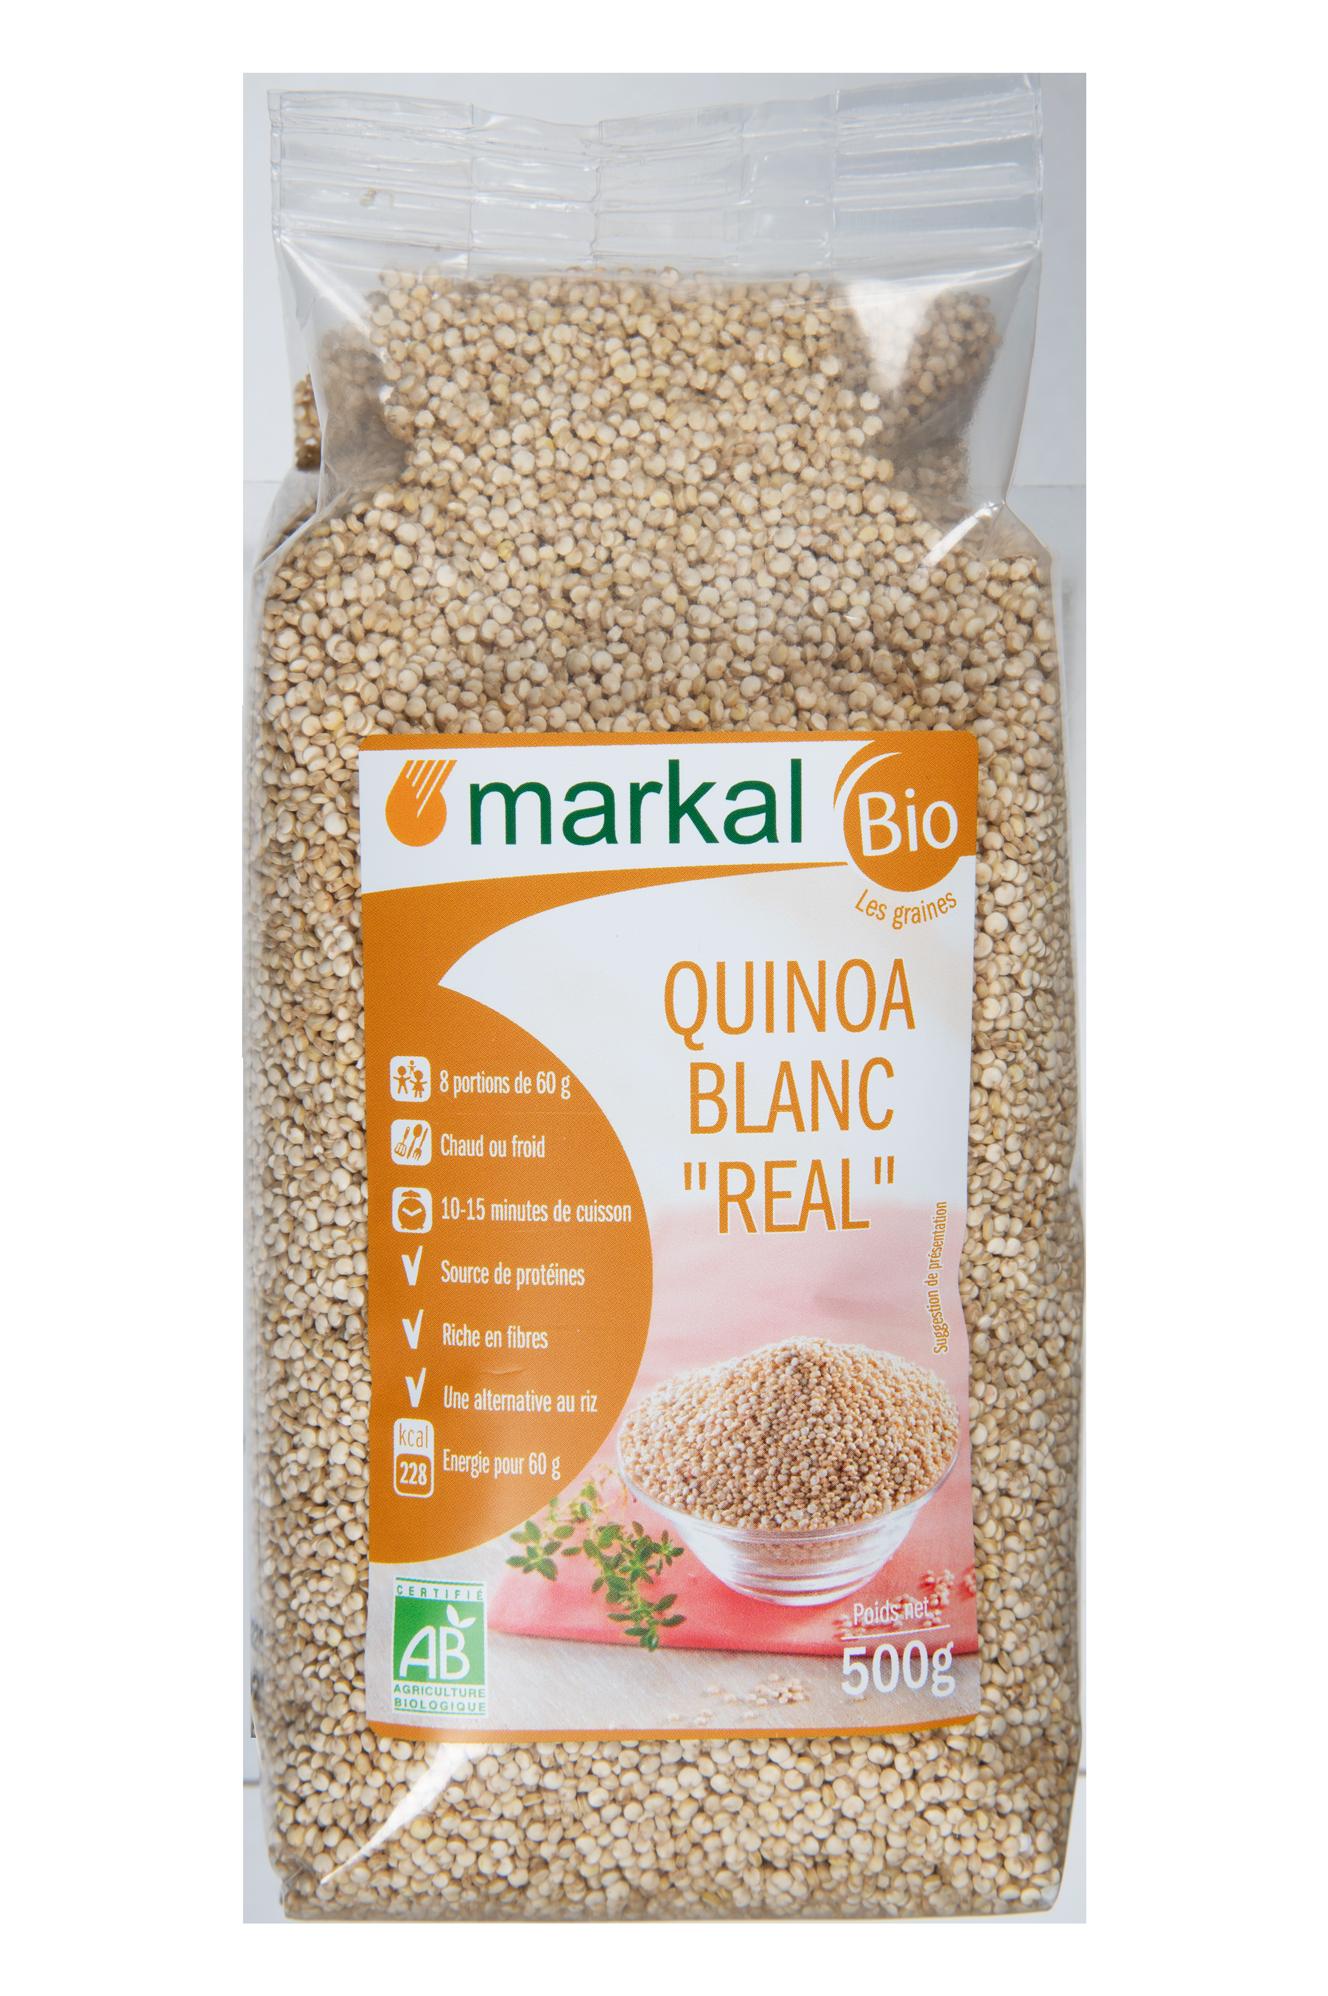 Quinoa real blanche